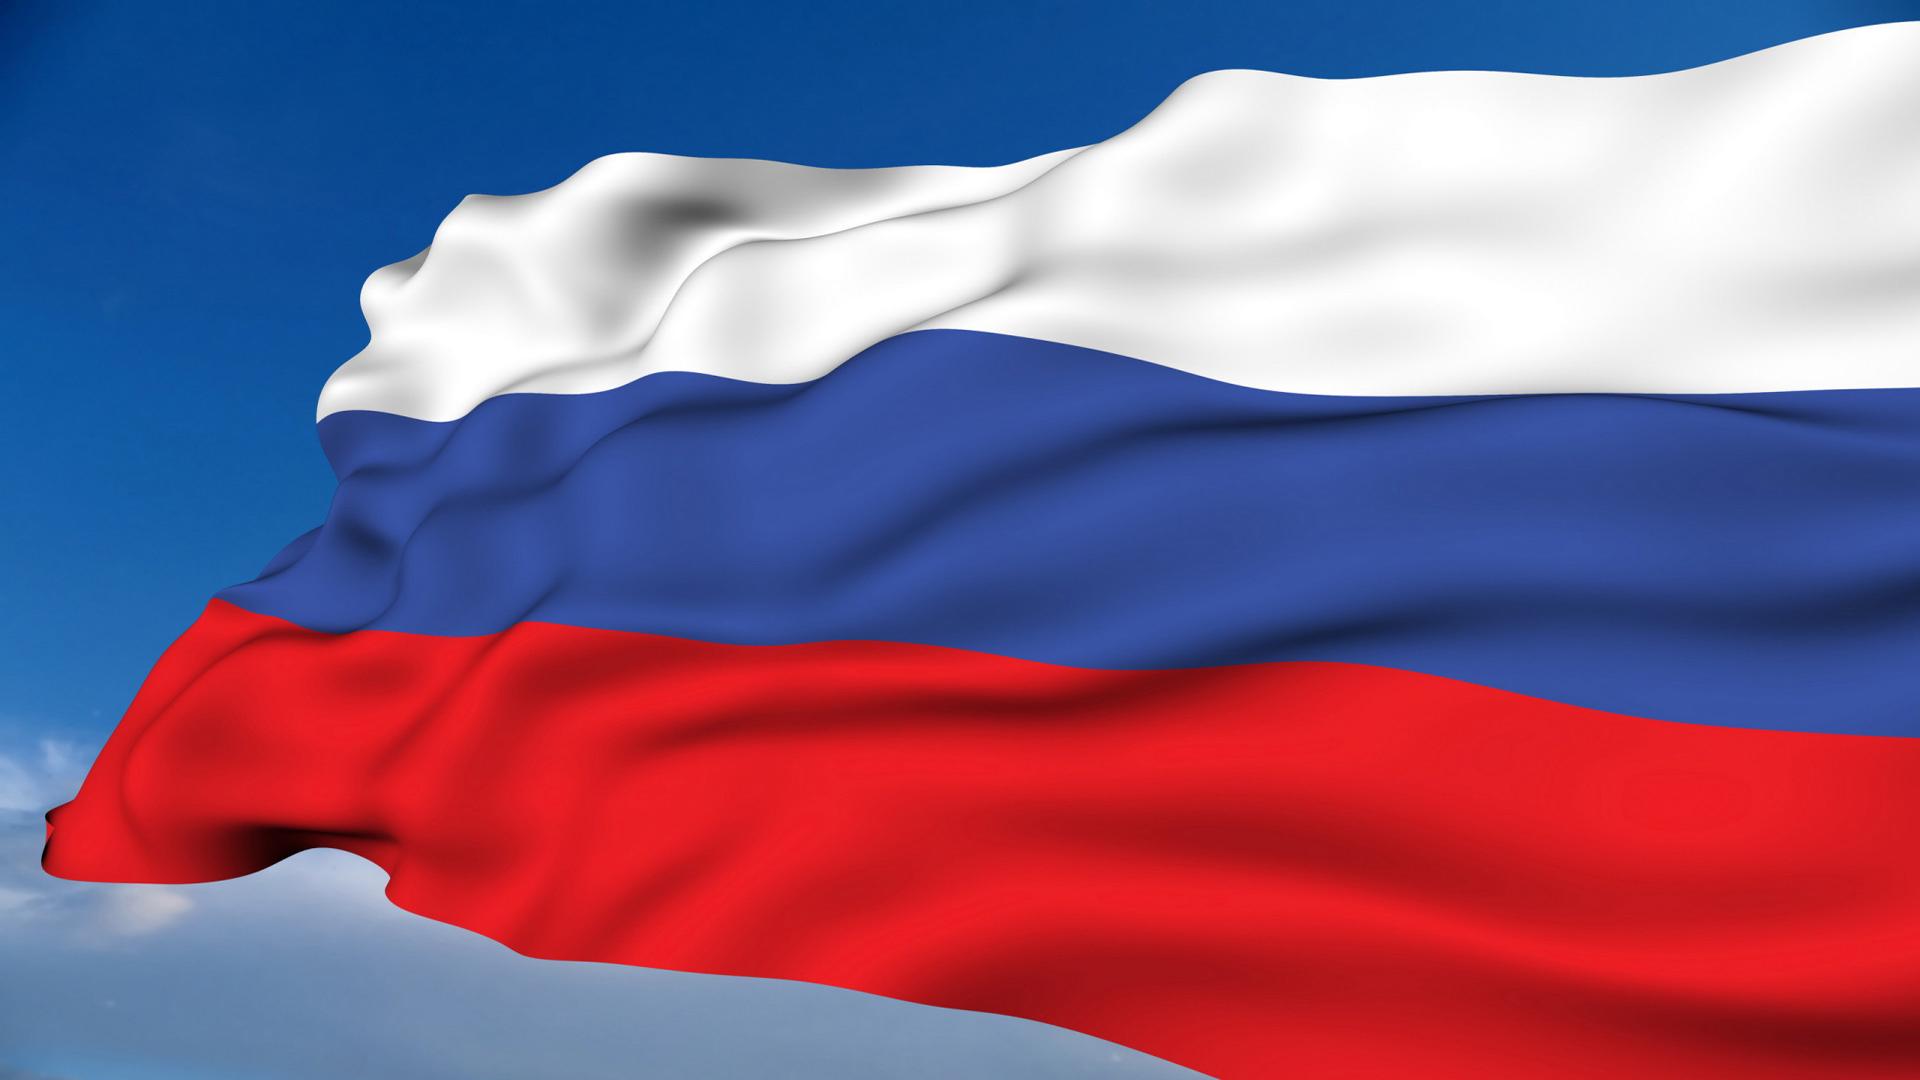 картинки про российский флаг любят экспериментировать